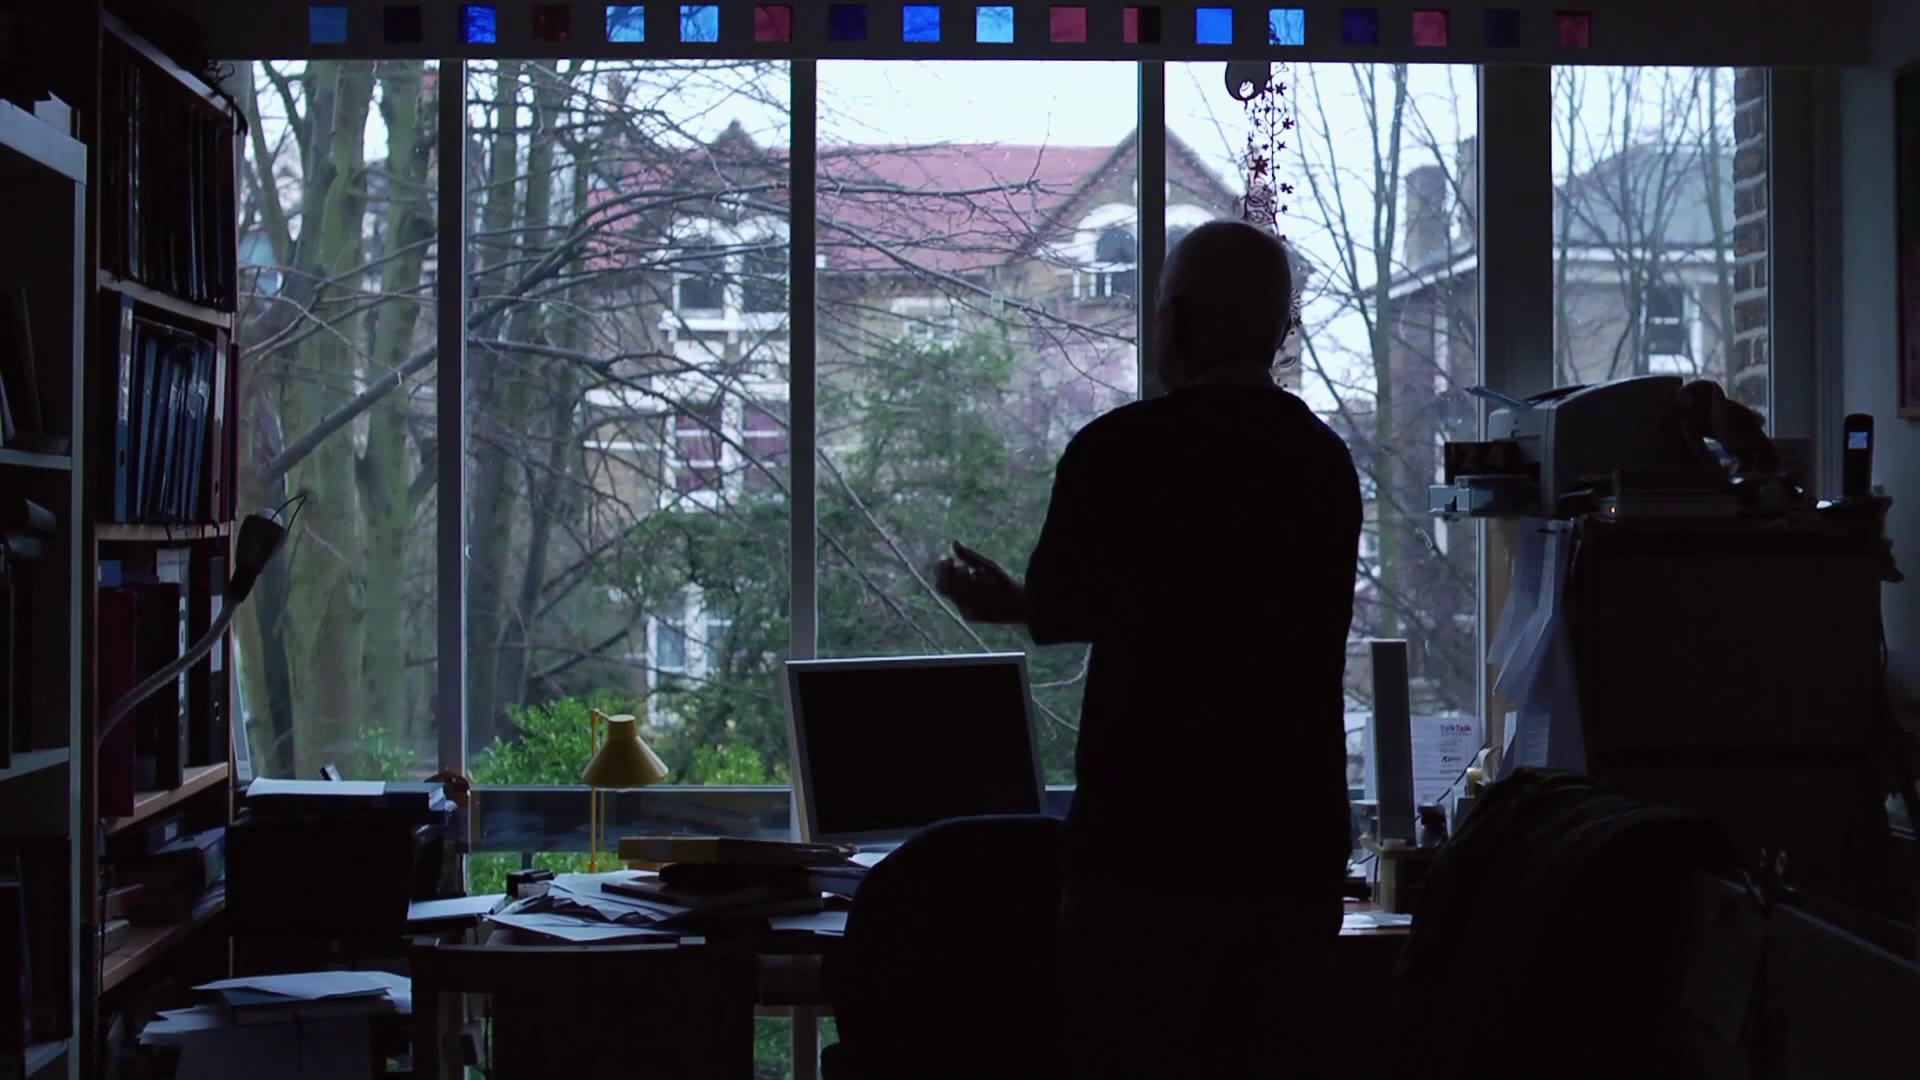 窗前等待的老人 剪影